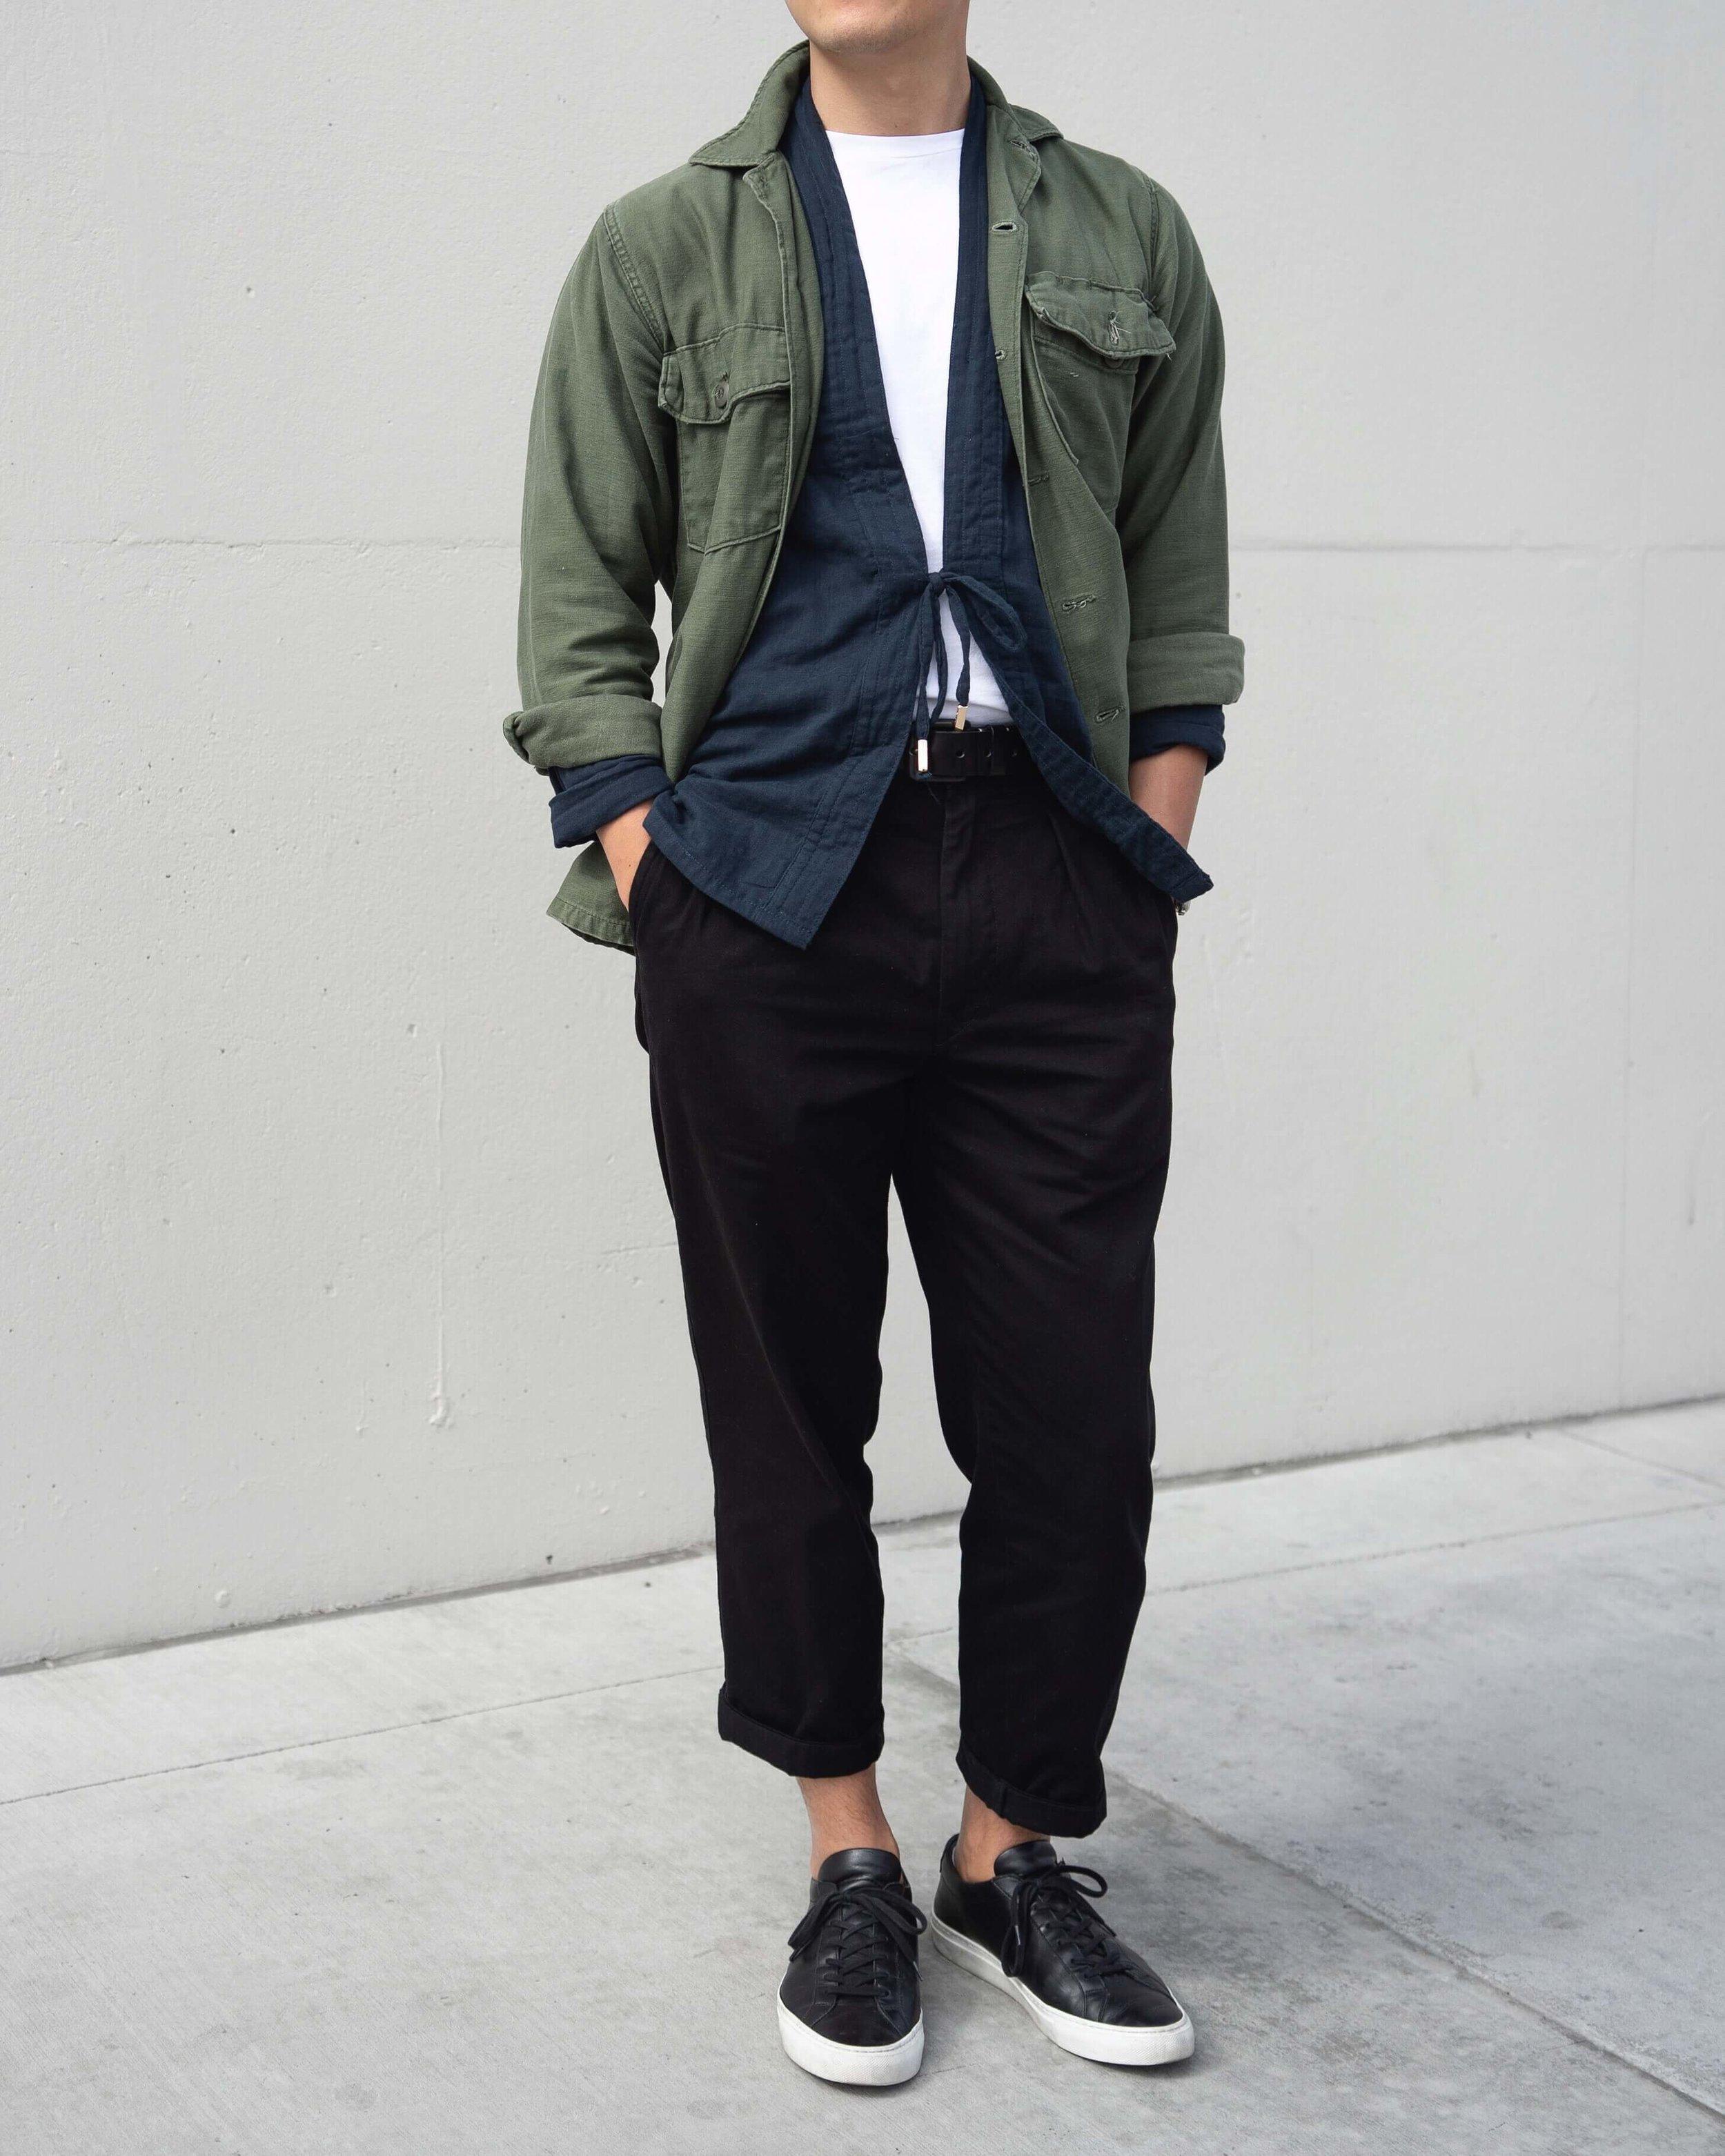 Indigo Noragi Layer Style Japanese Streetwear Jacket AKASHI-KAMA